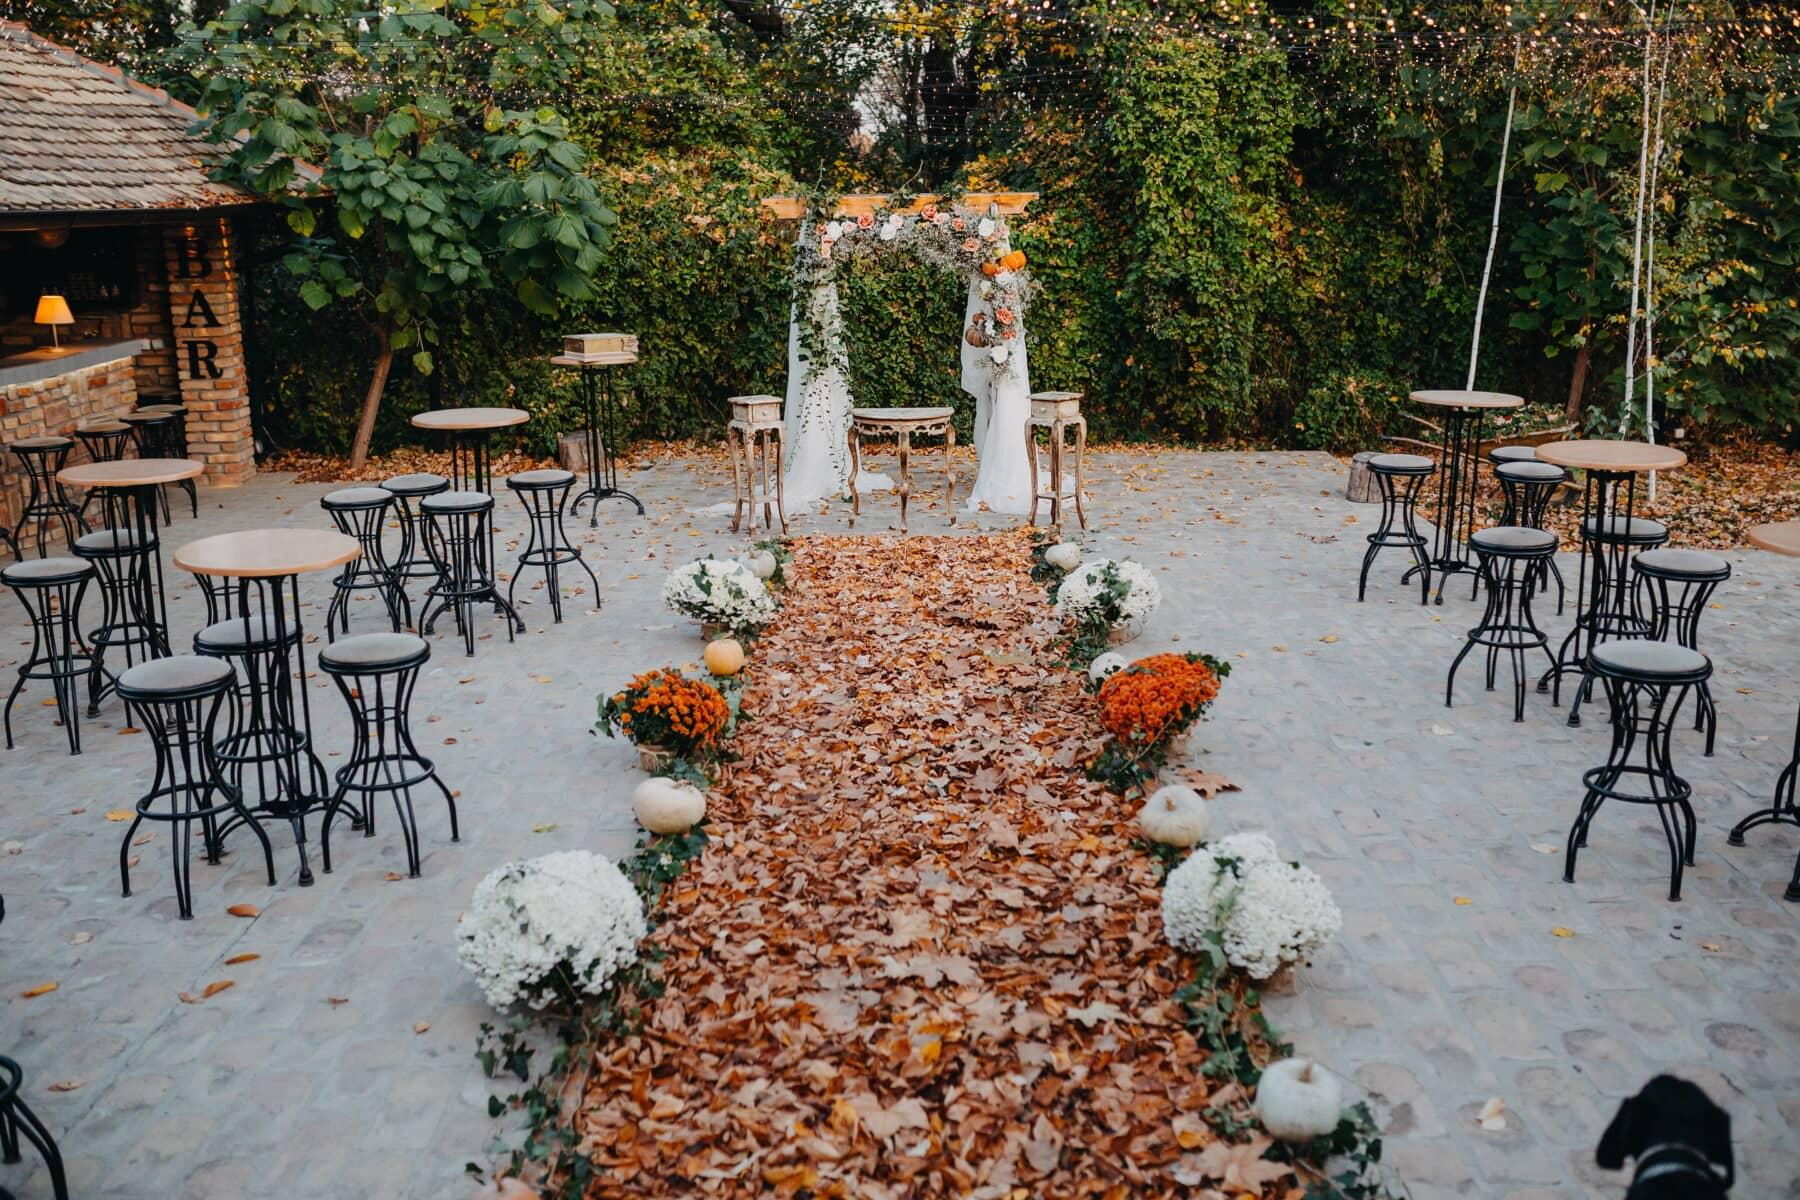 място за сватба, вътрешен двор, пешеходна пътека, кафене, Есен, есенния сезон, елегантна, мебели, дърво, седалка